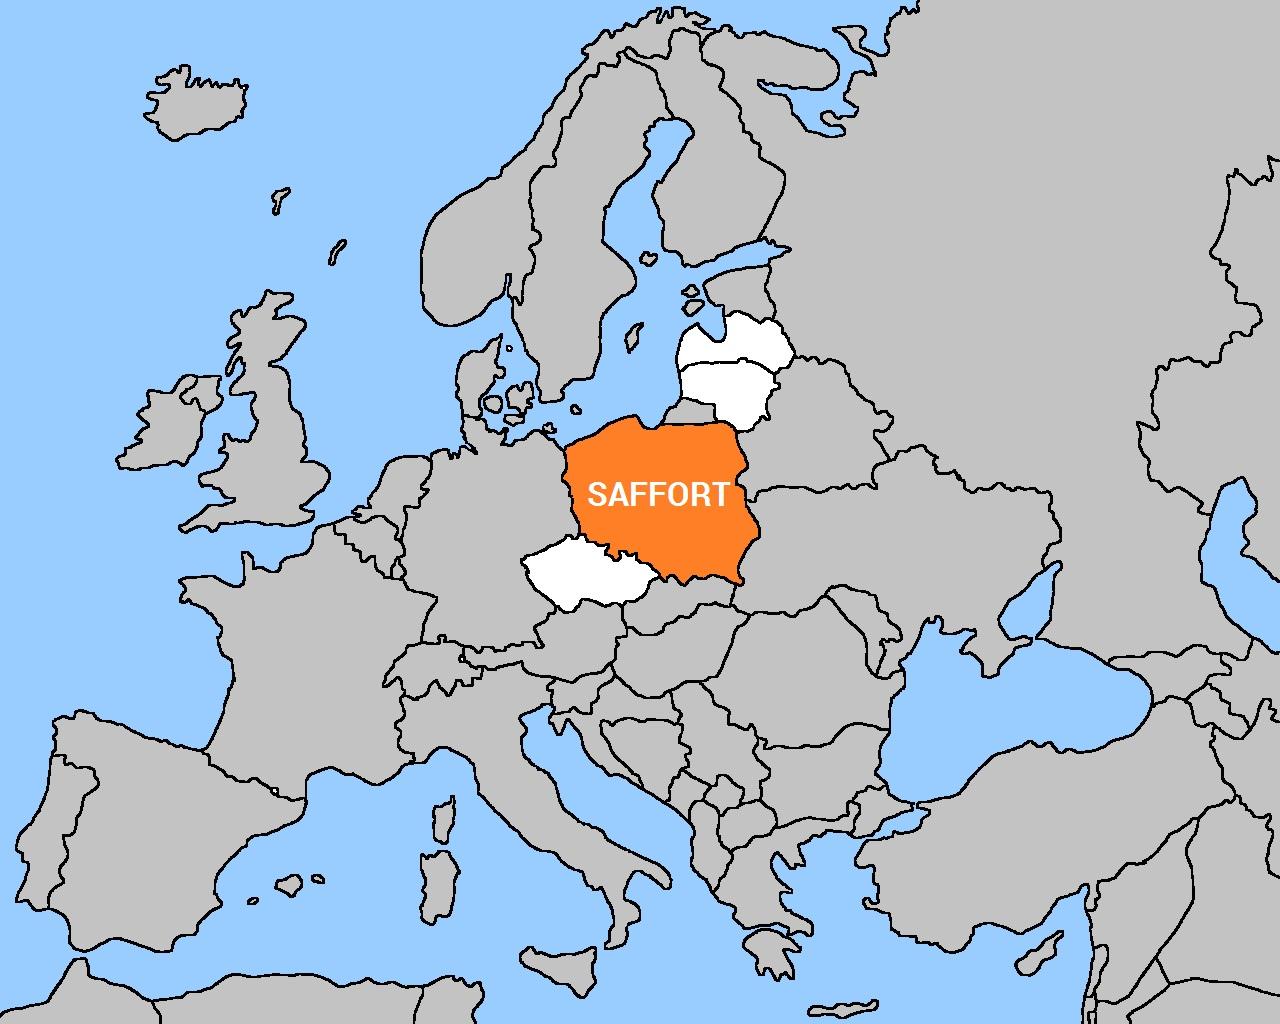 Saffort plečiasi - Lenkija